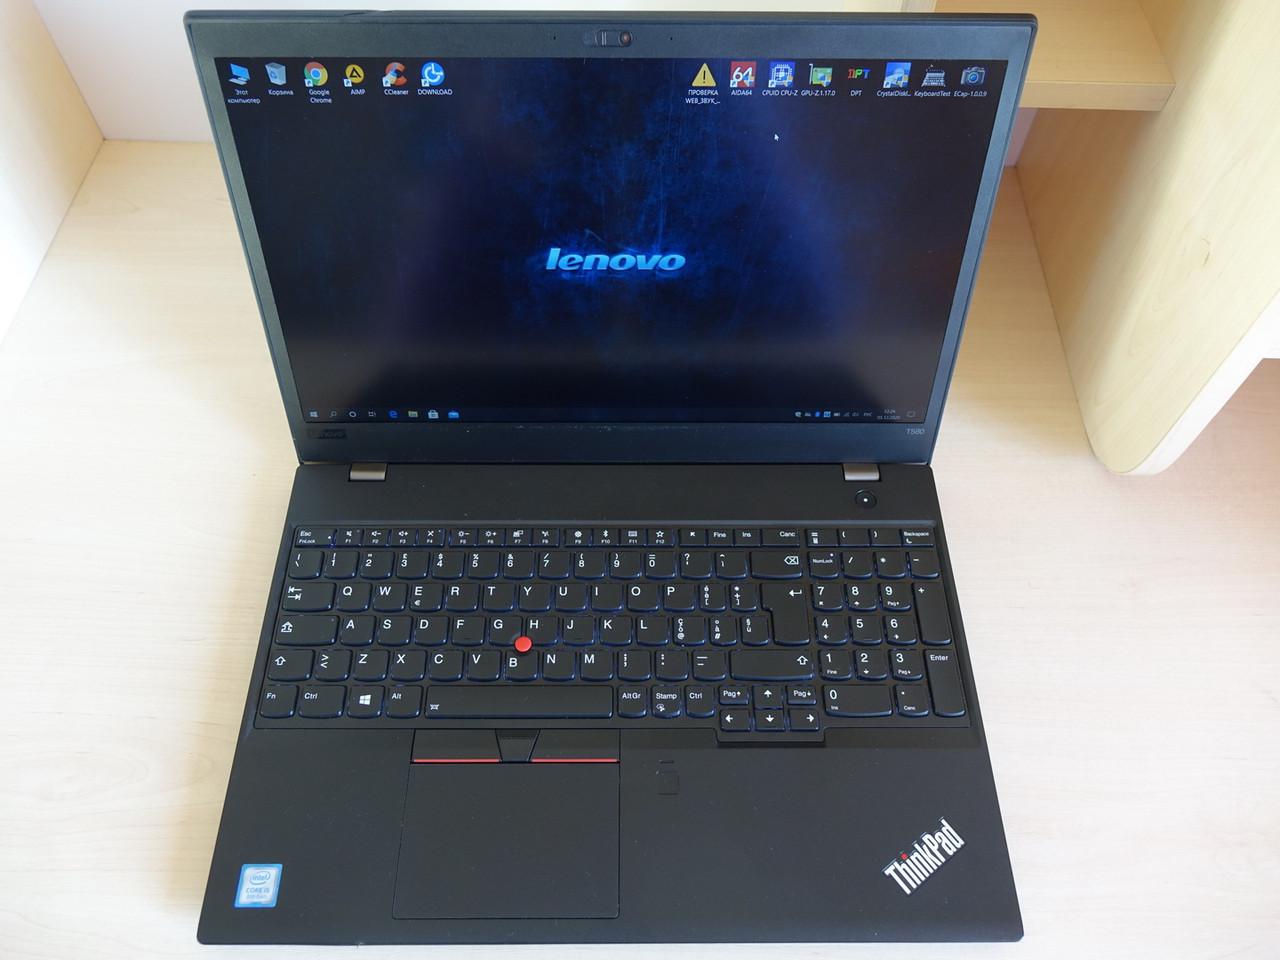 """Ноутбук LENOVO ThinkPad T580 15.6"""" ips FullHD i5-8250U/16GB/SSD 512GB/Intel UHD 620 (20L9-001YIX) Идеал"""